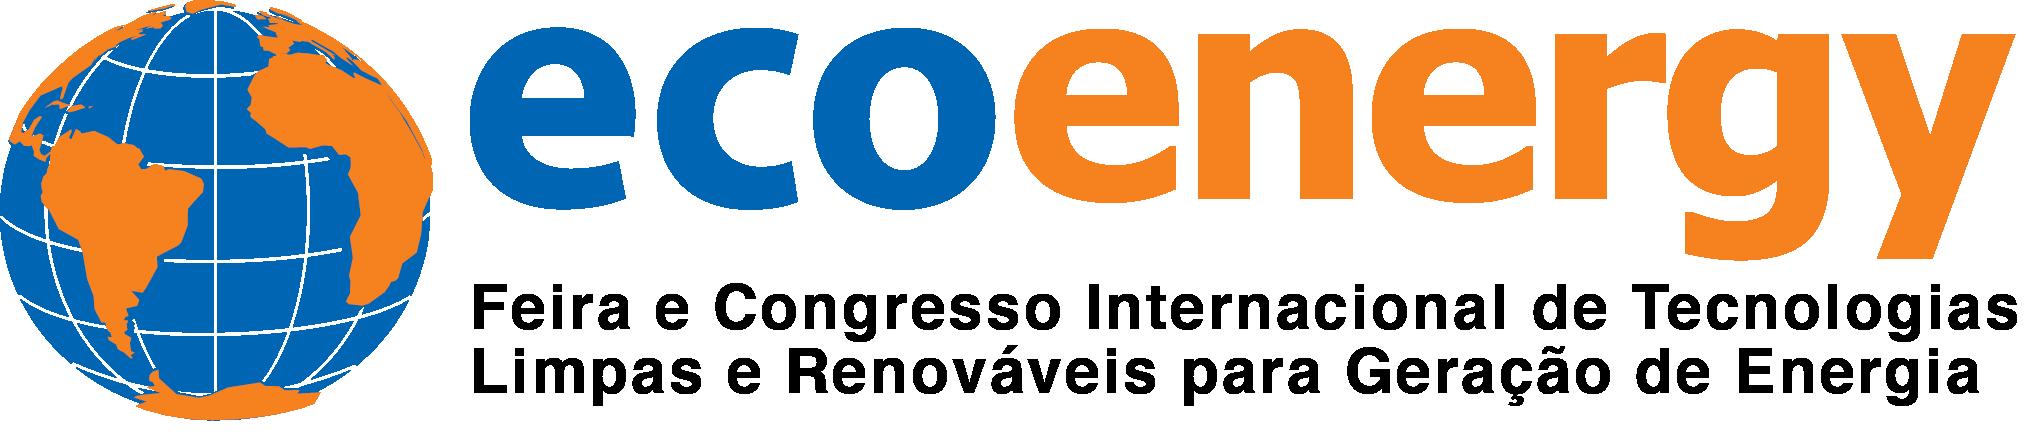 Logo Feira e Congresso Ecoenergy